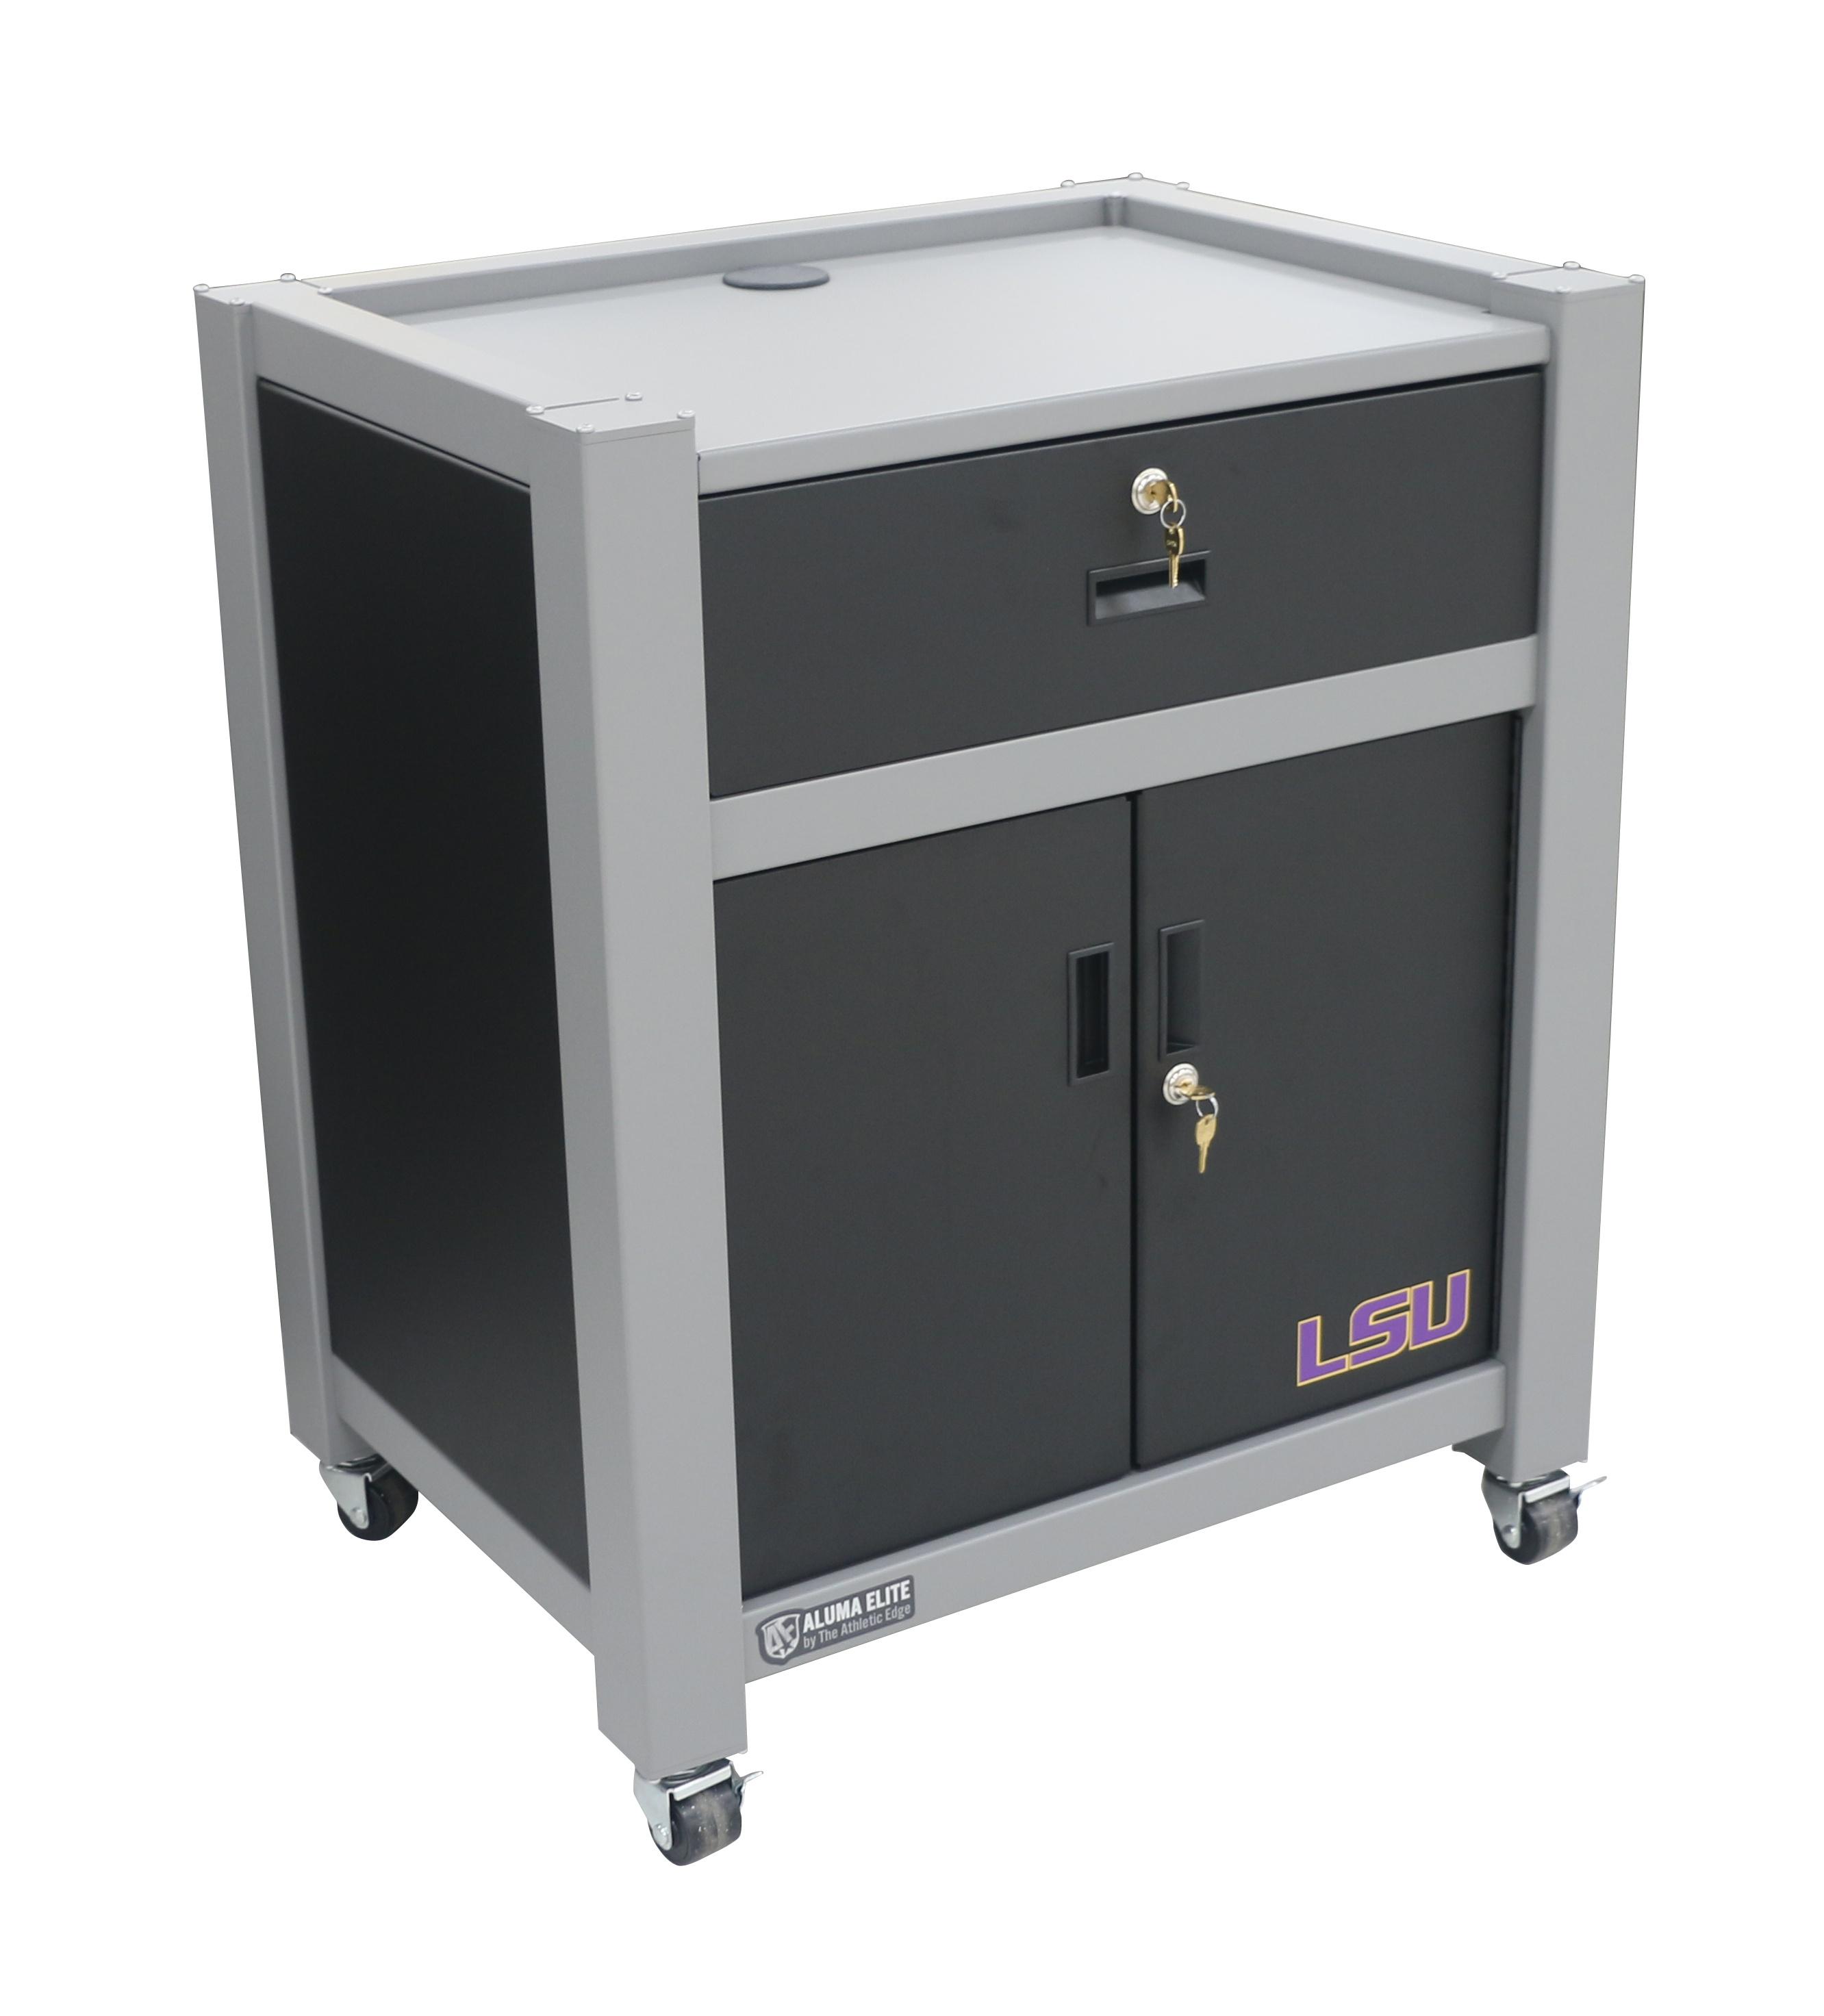 LSU-(Modality Cart